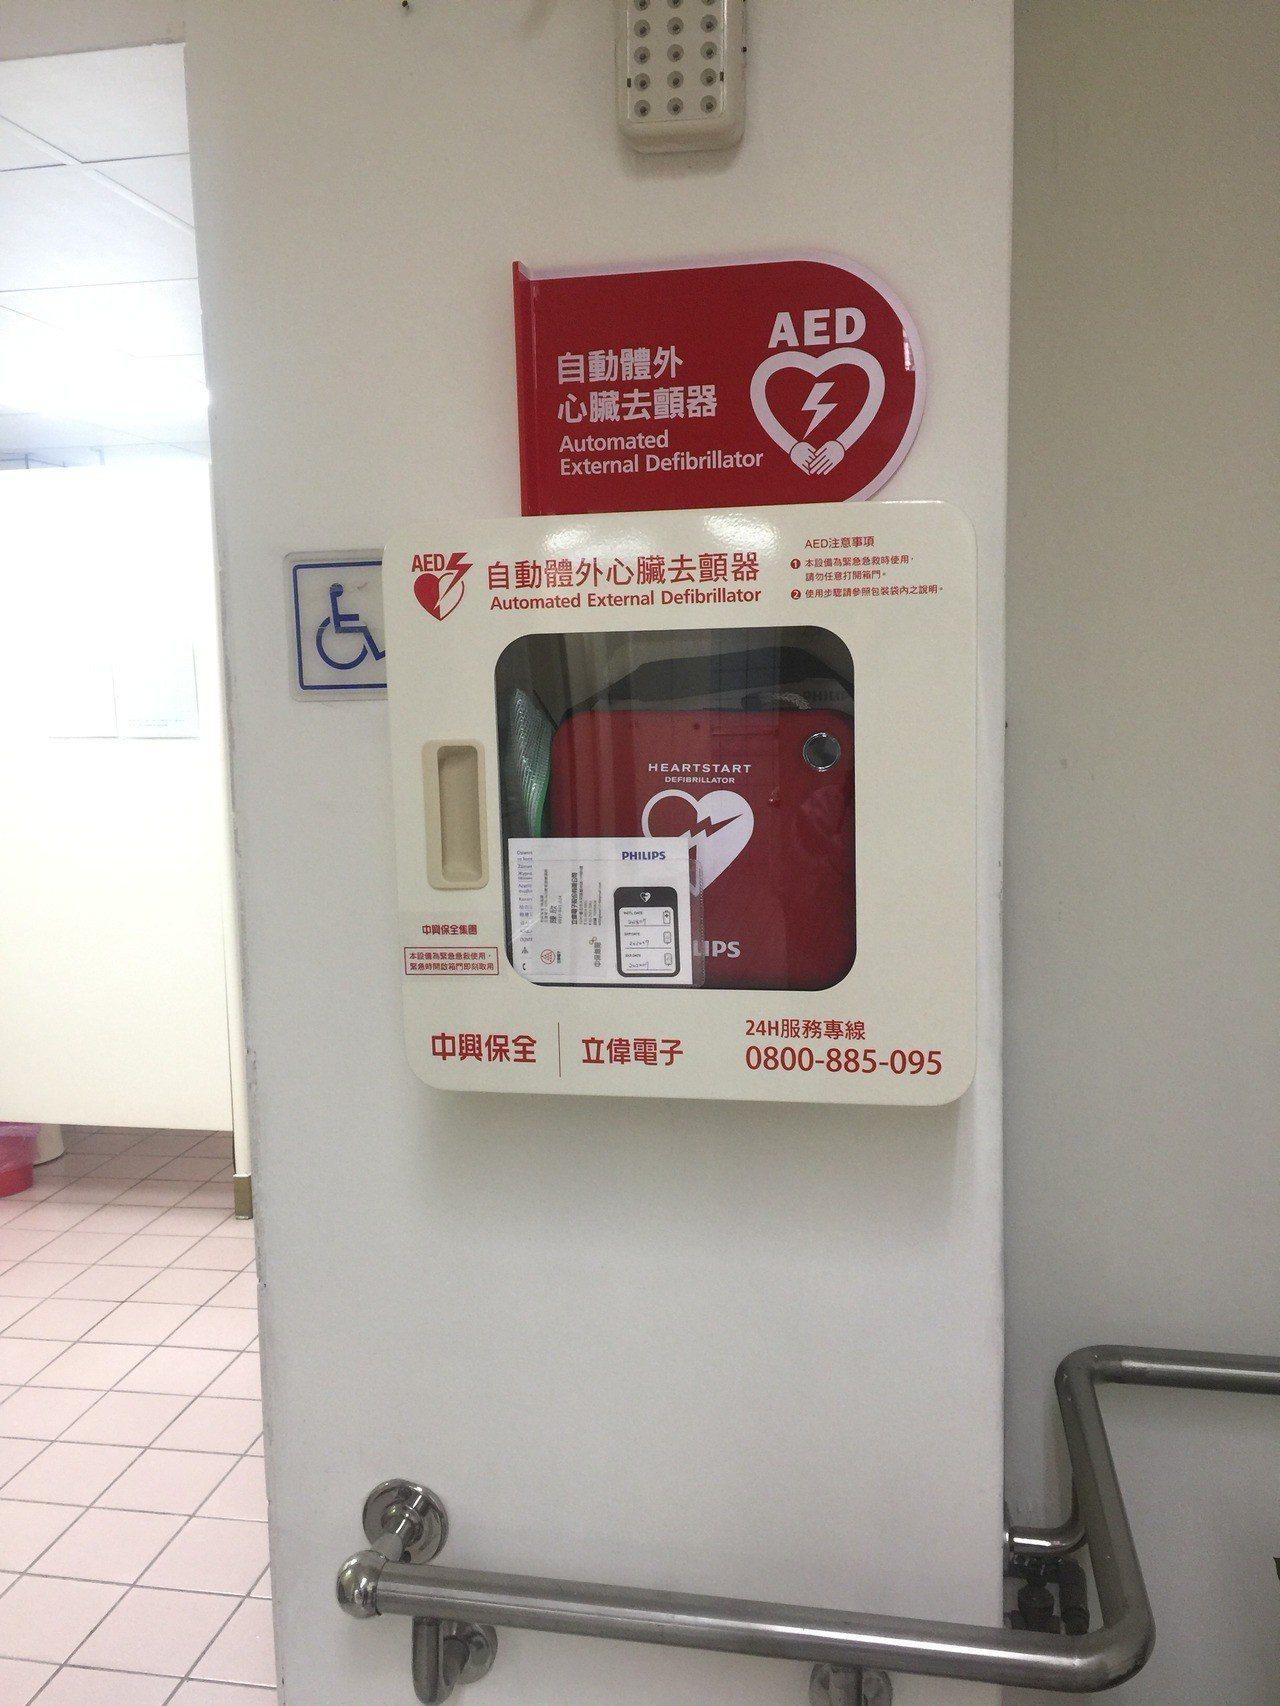 中保與臺北市政府社會局捐贈老人照顧中心AED。中保提供